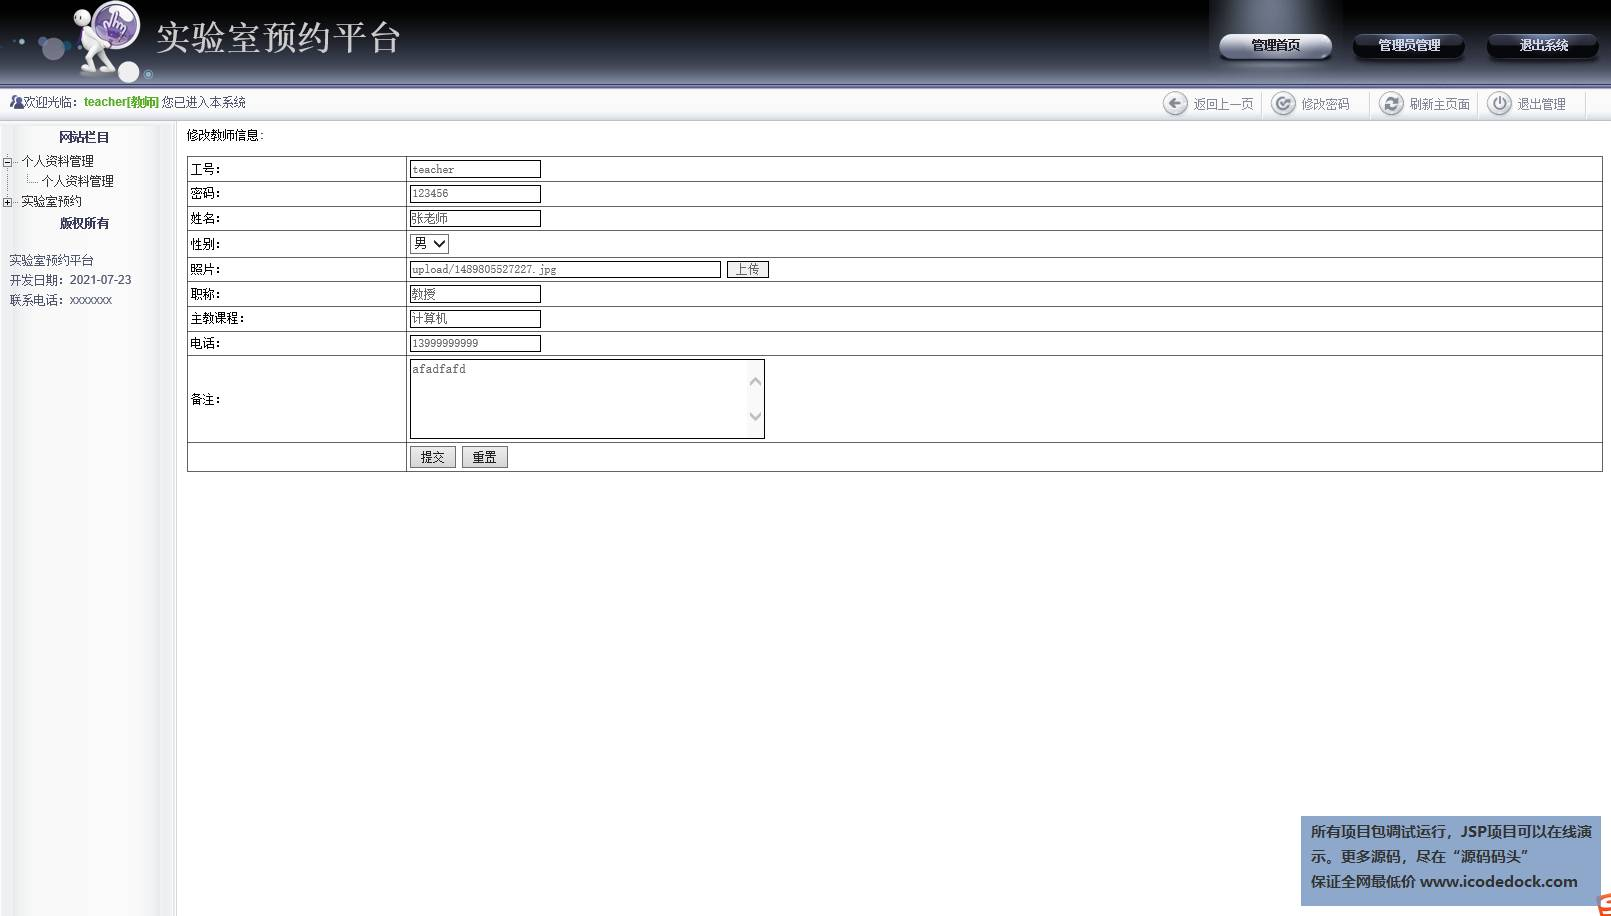 源码码头-JSP在线高校实验室预约管理系统-教师角色-个人资料管理